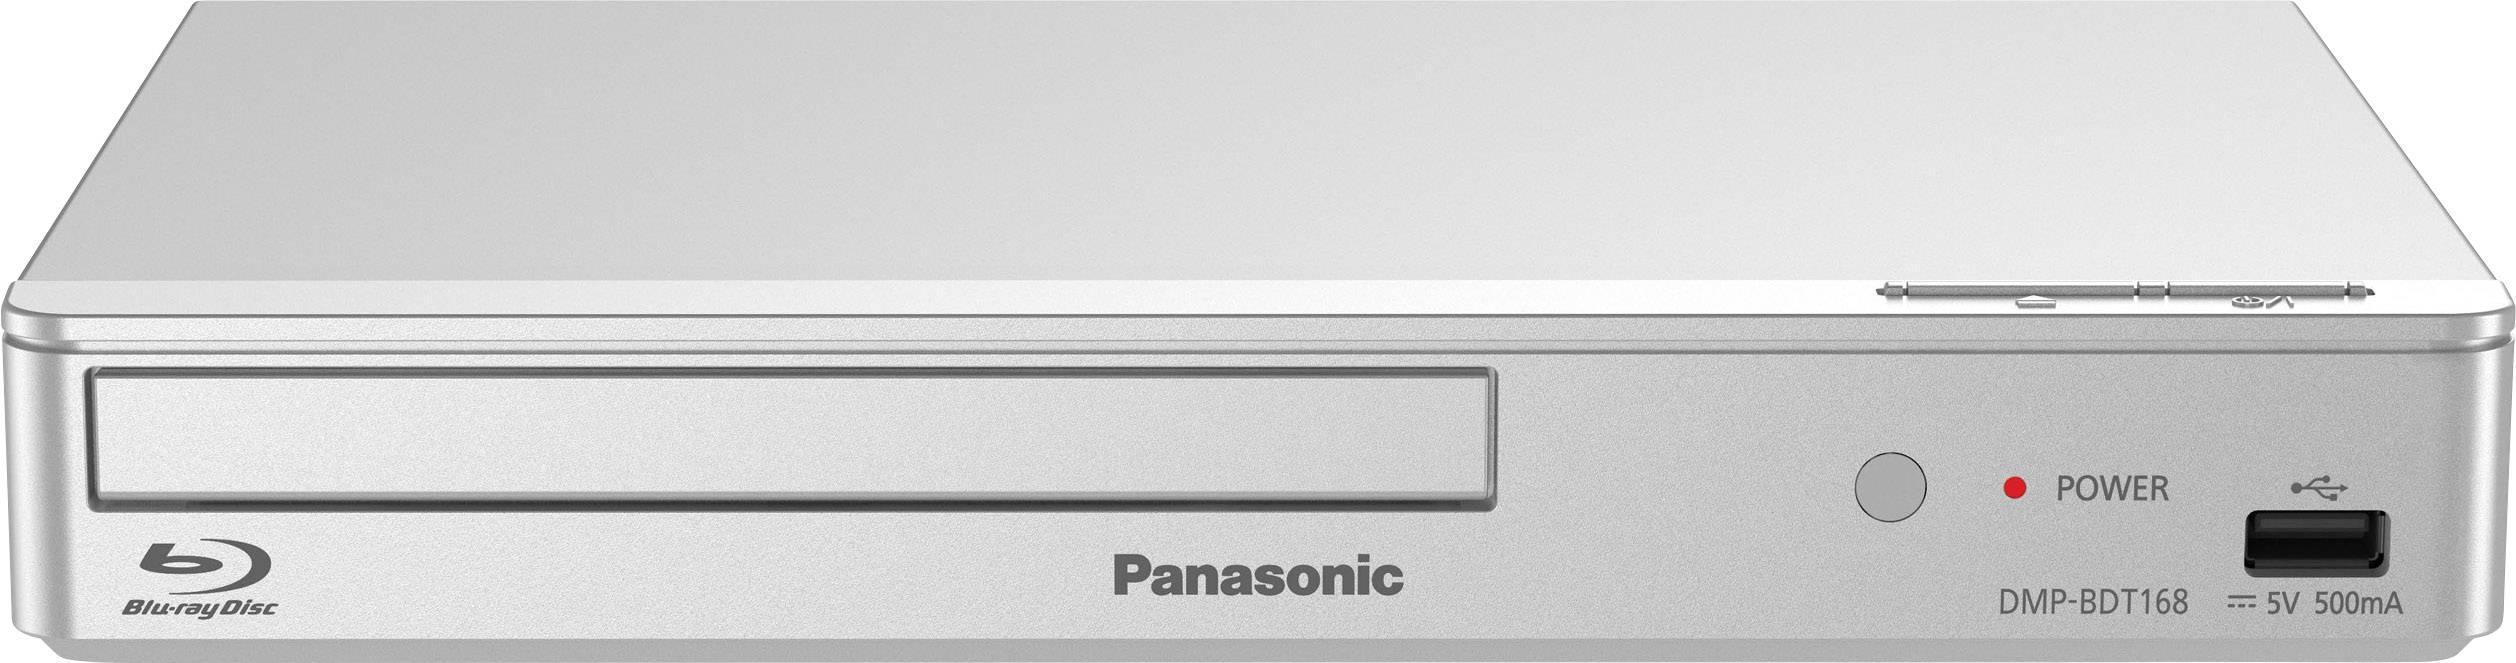 3D Blu-Ray přehrávač Panasonic DMP-BDT168, Full HD upscaling, stříbrná